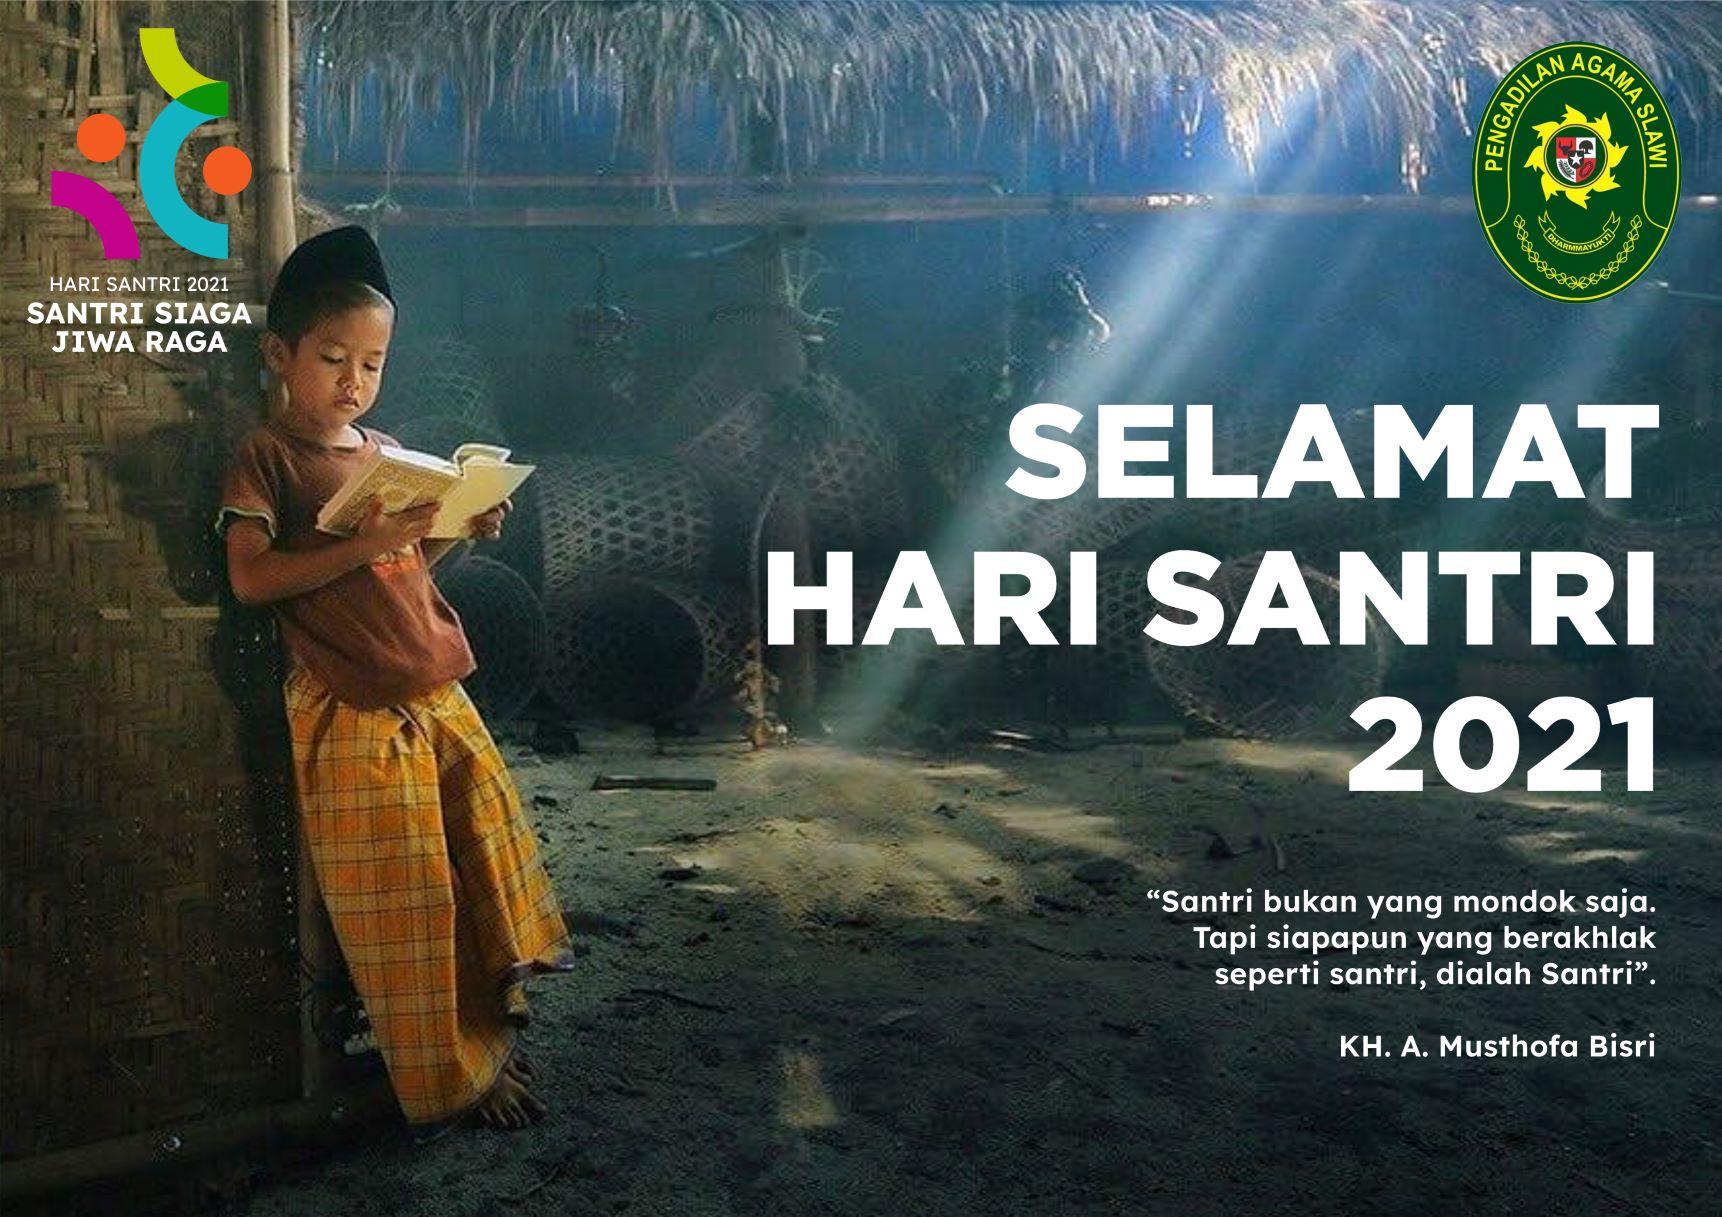 SELAMAT HARI SANTRI TAHUN 2021